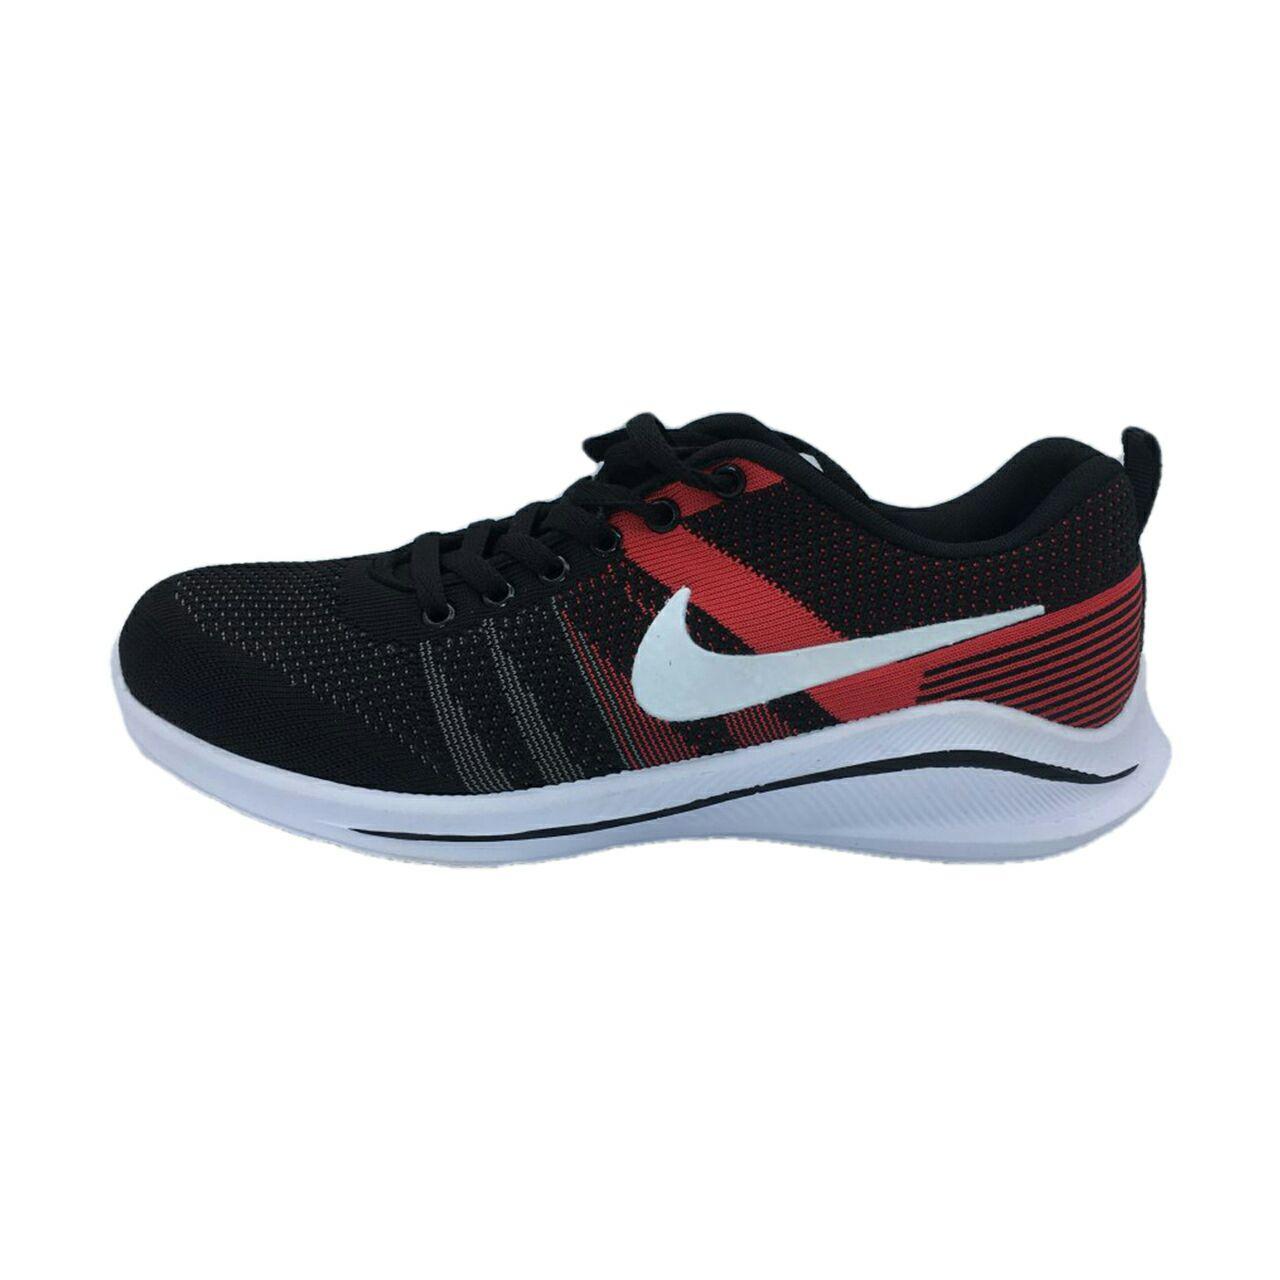 کفش مخصوص پیاده روی مردانه مدل  n102  رنگ مشکی